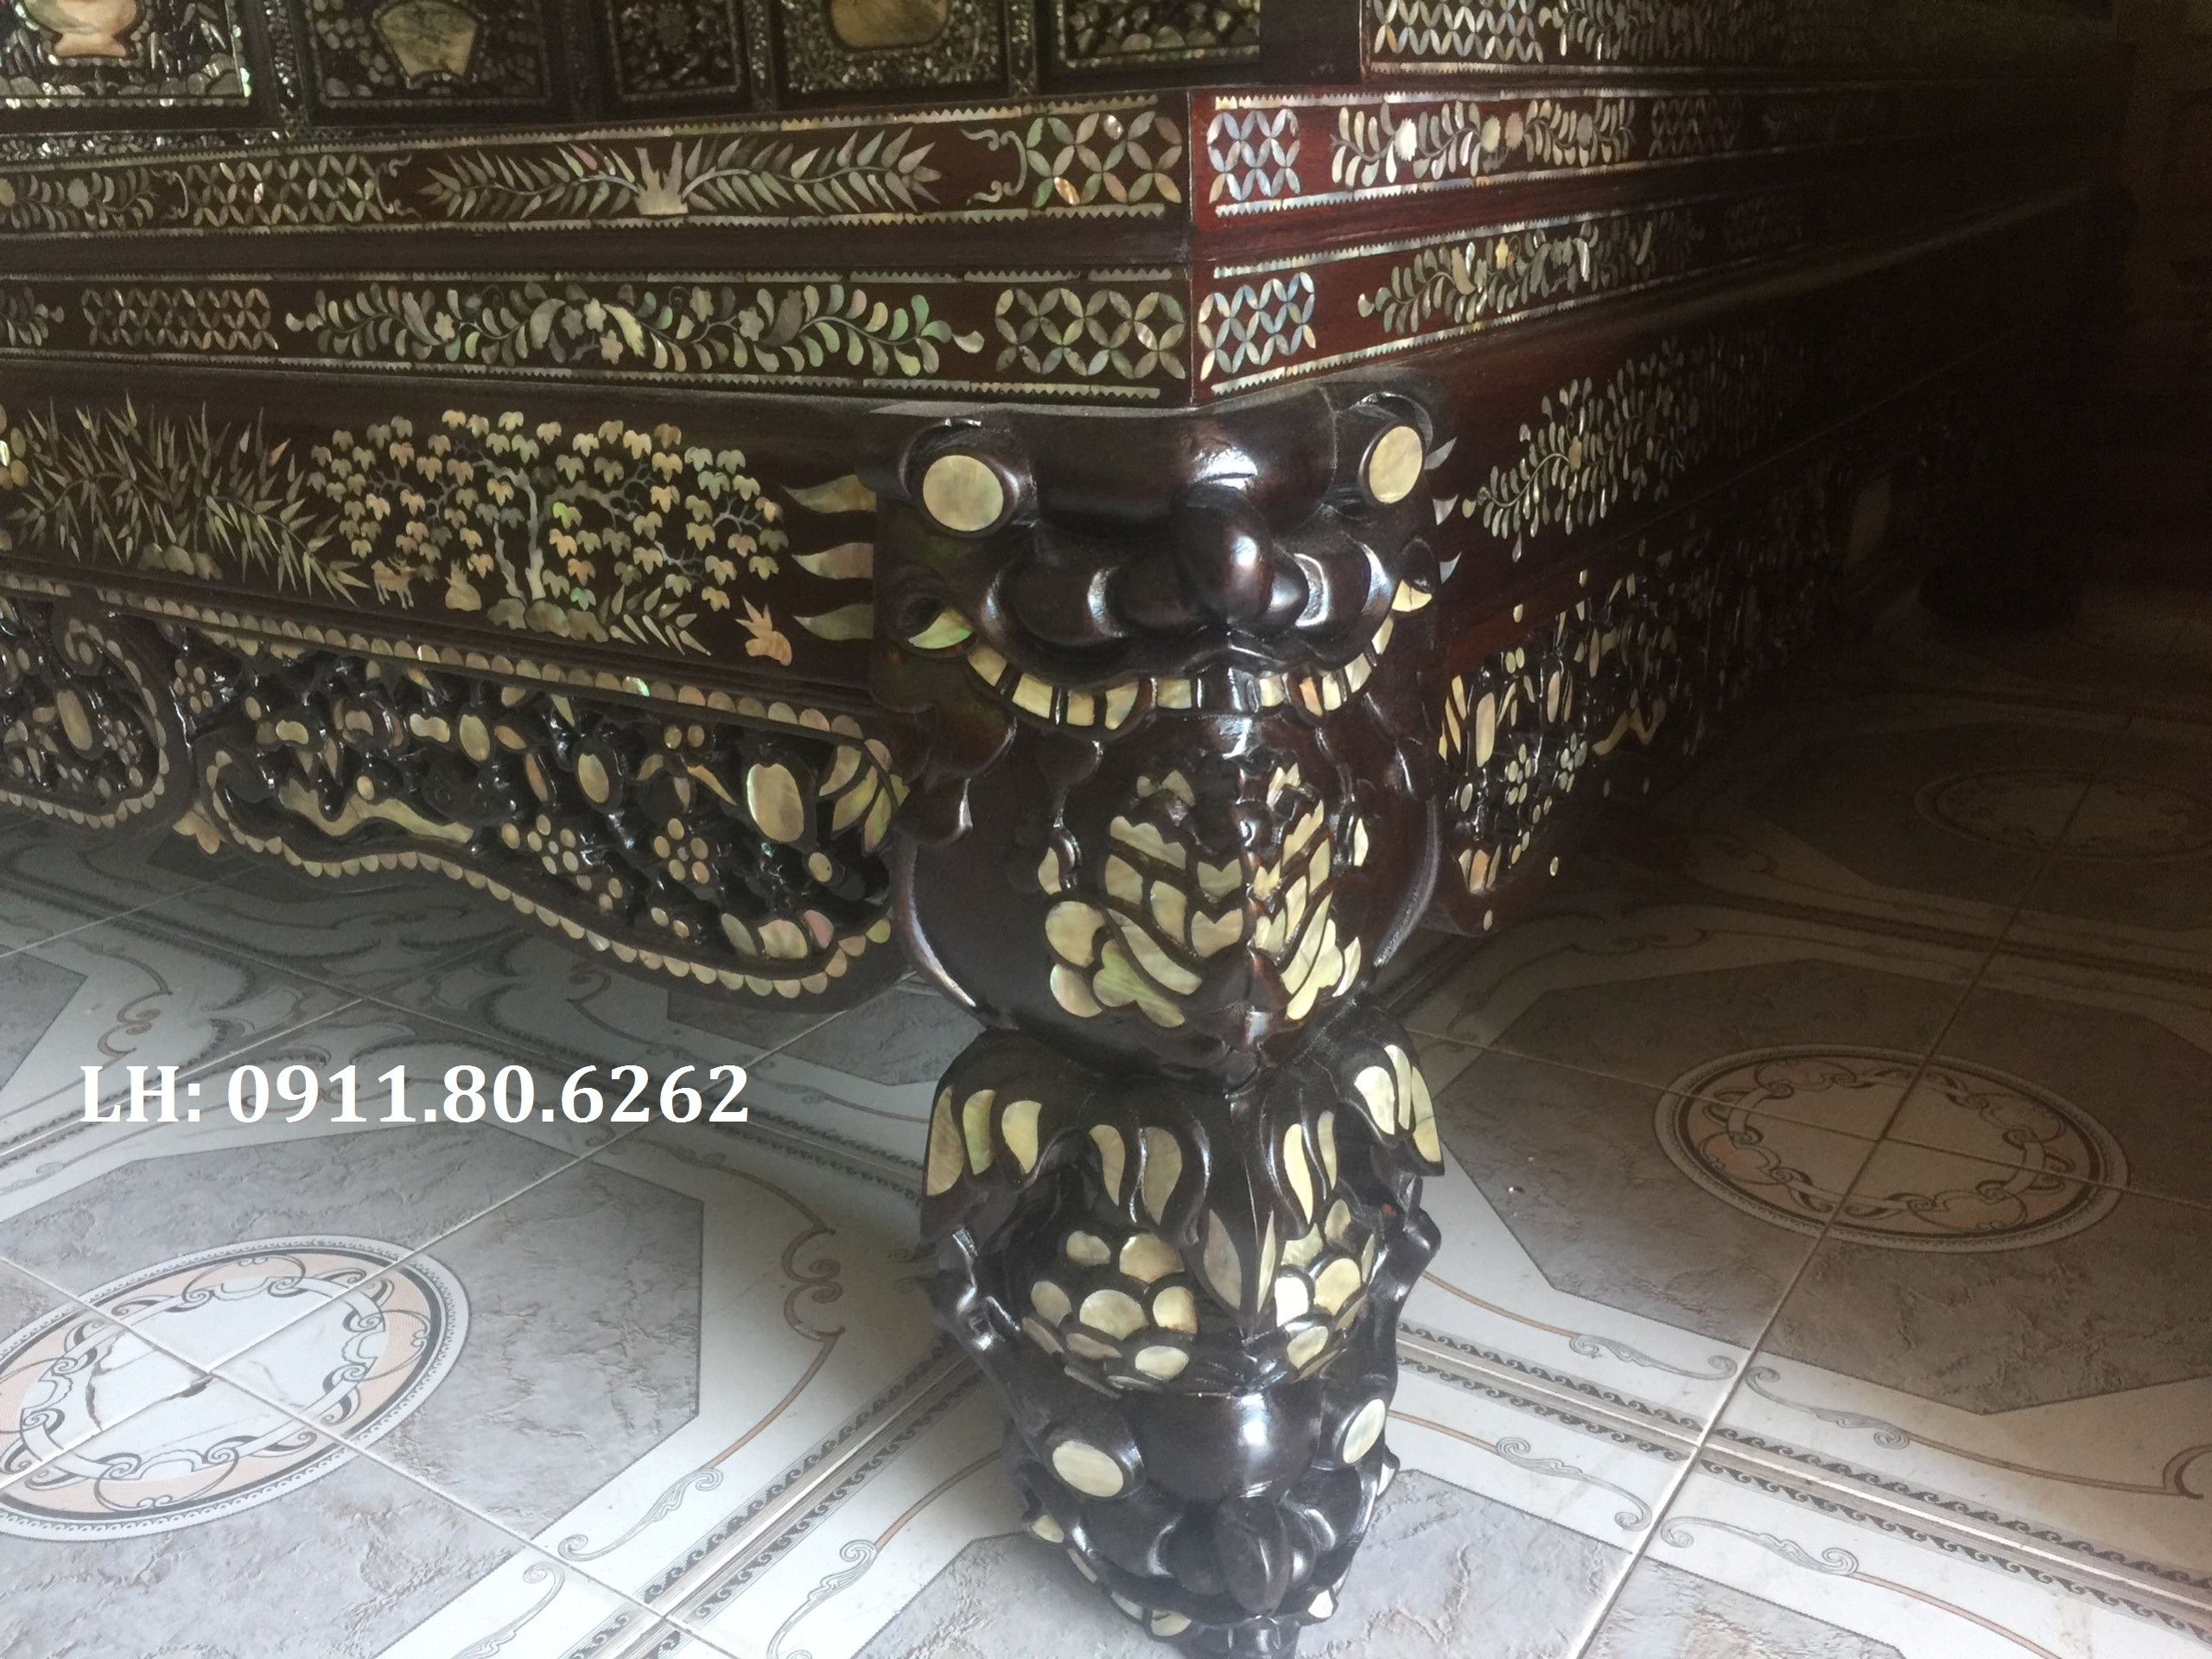 z1050229558748 0a17f8cd50083743eed47b17783effc8 - Giường Ngũ Sơn Cẩn Ốc MS: 03